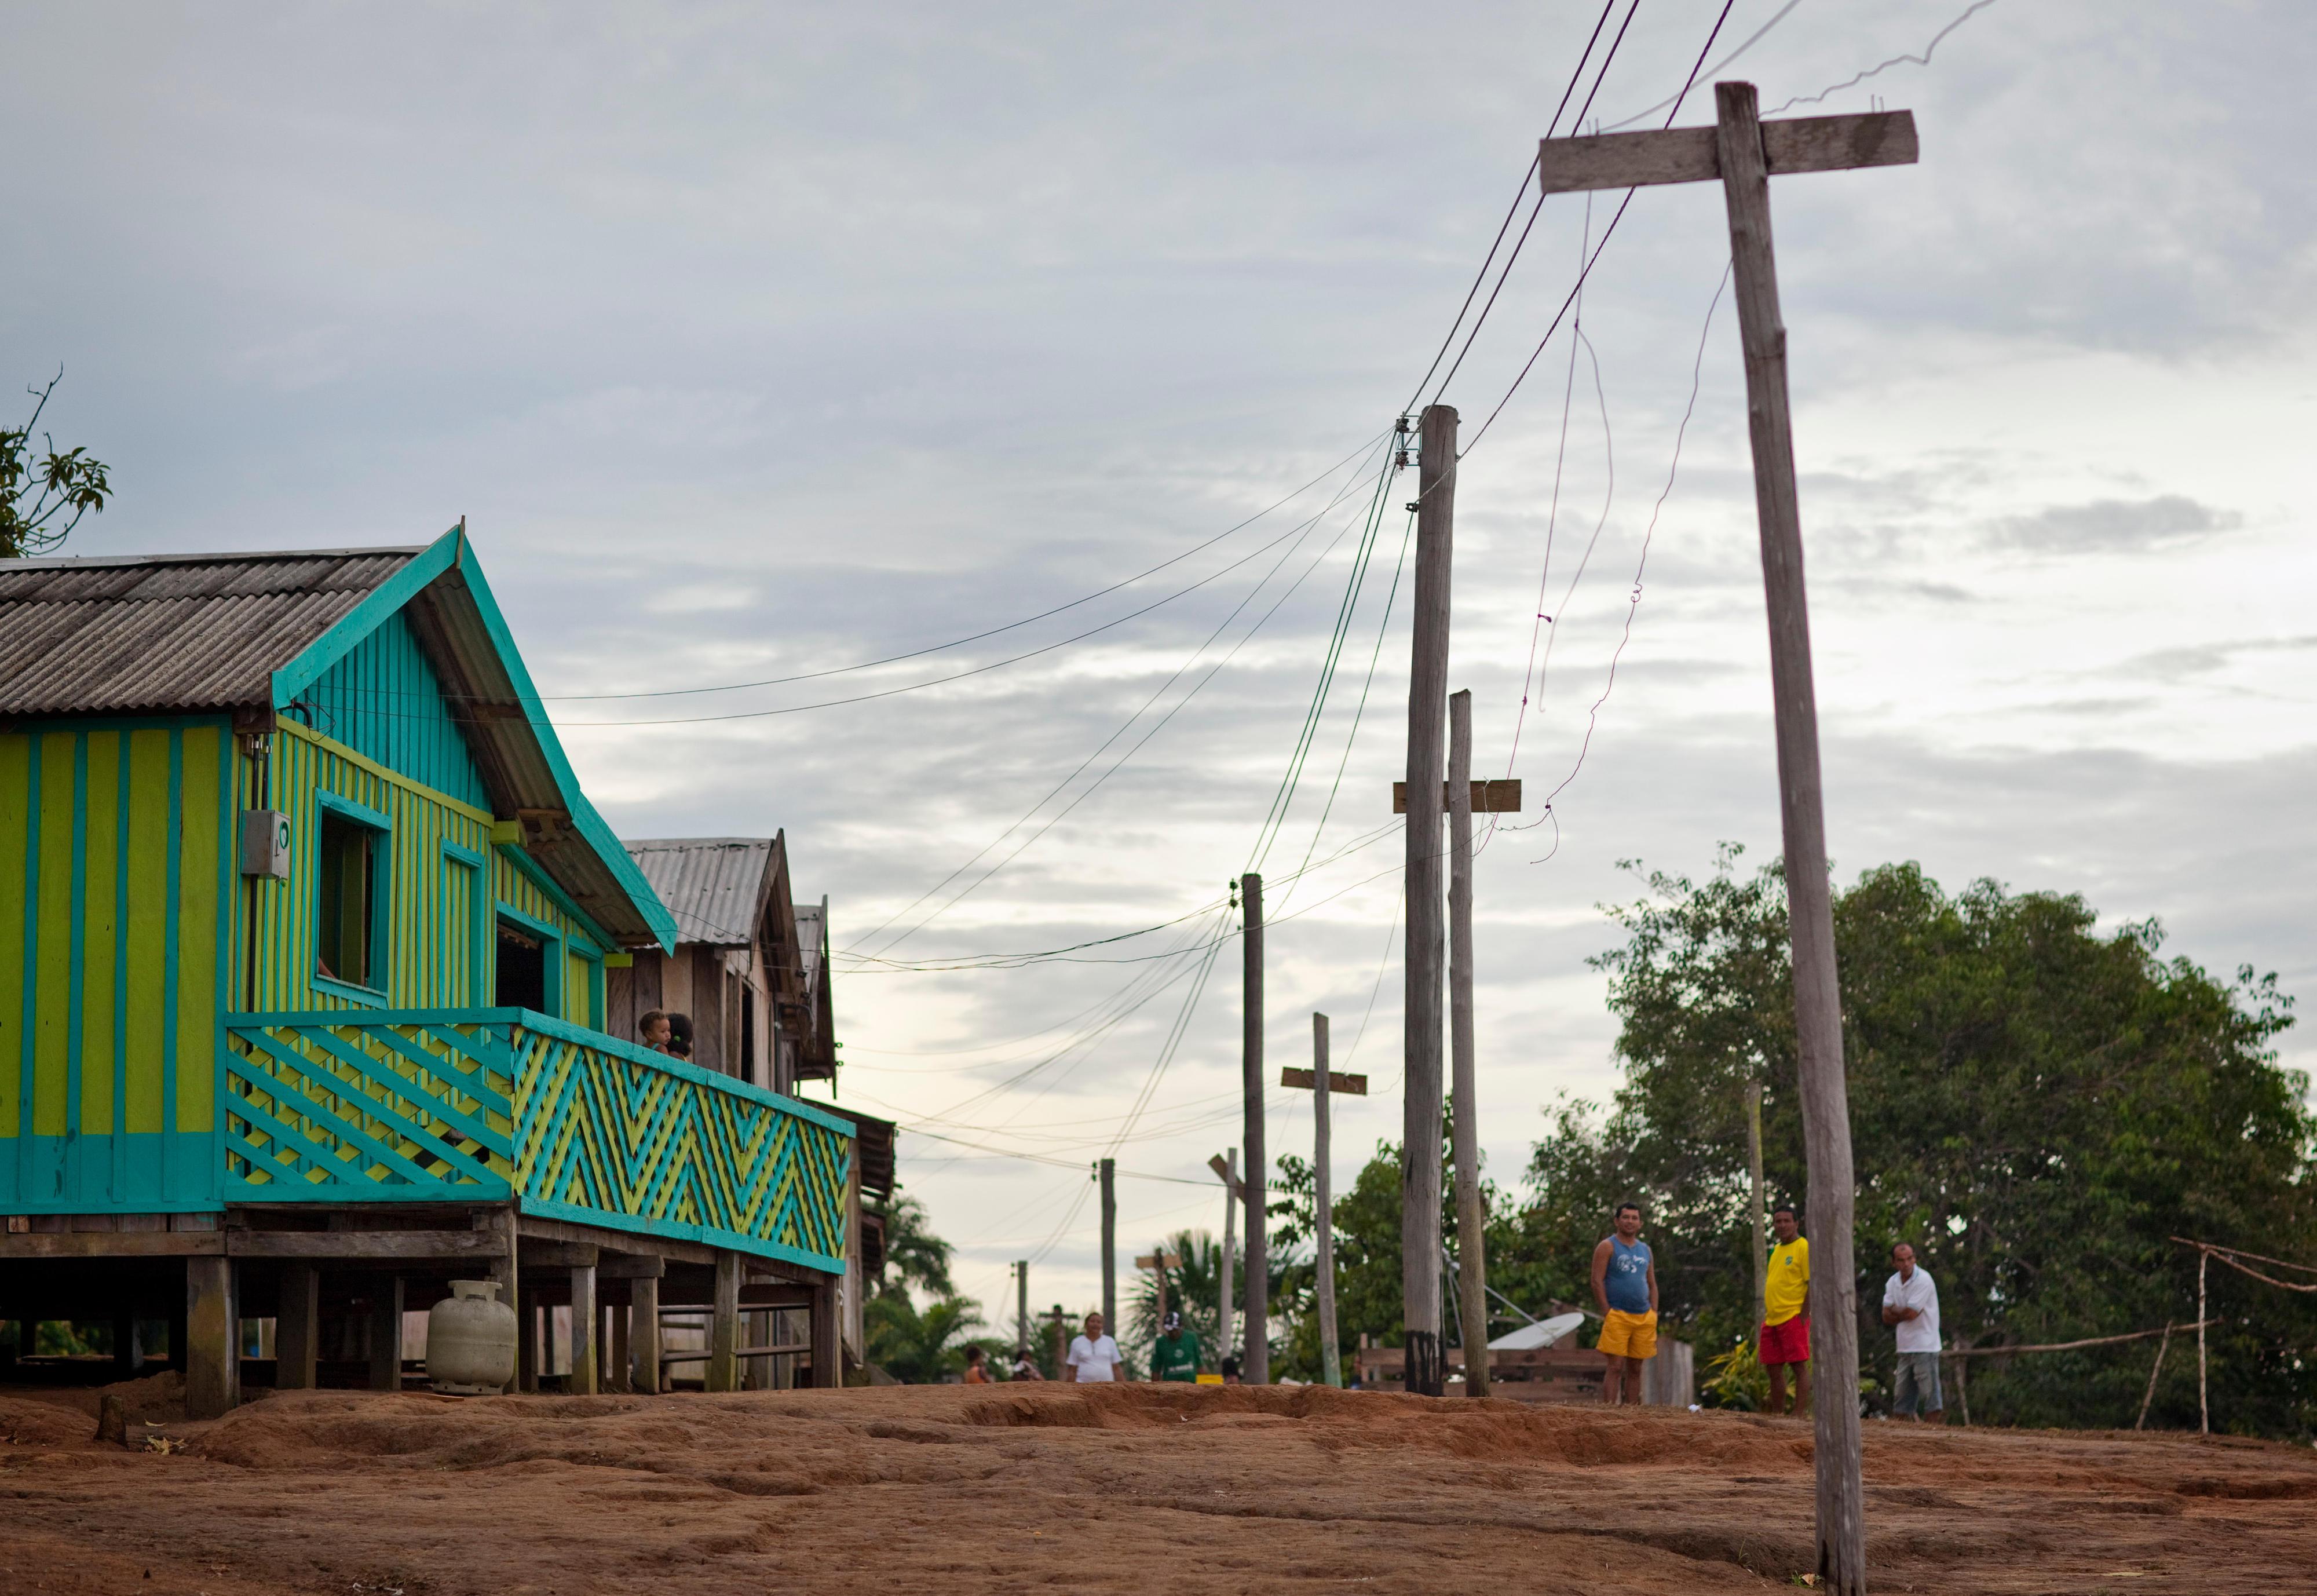 Siedlung am Ufer des Rio Negro in Brasilien